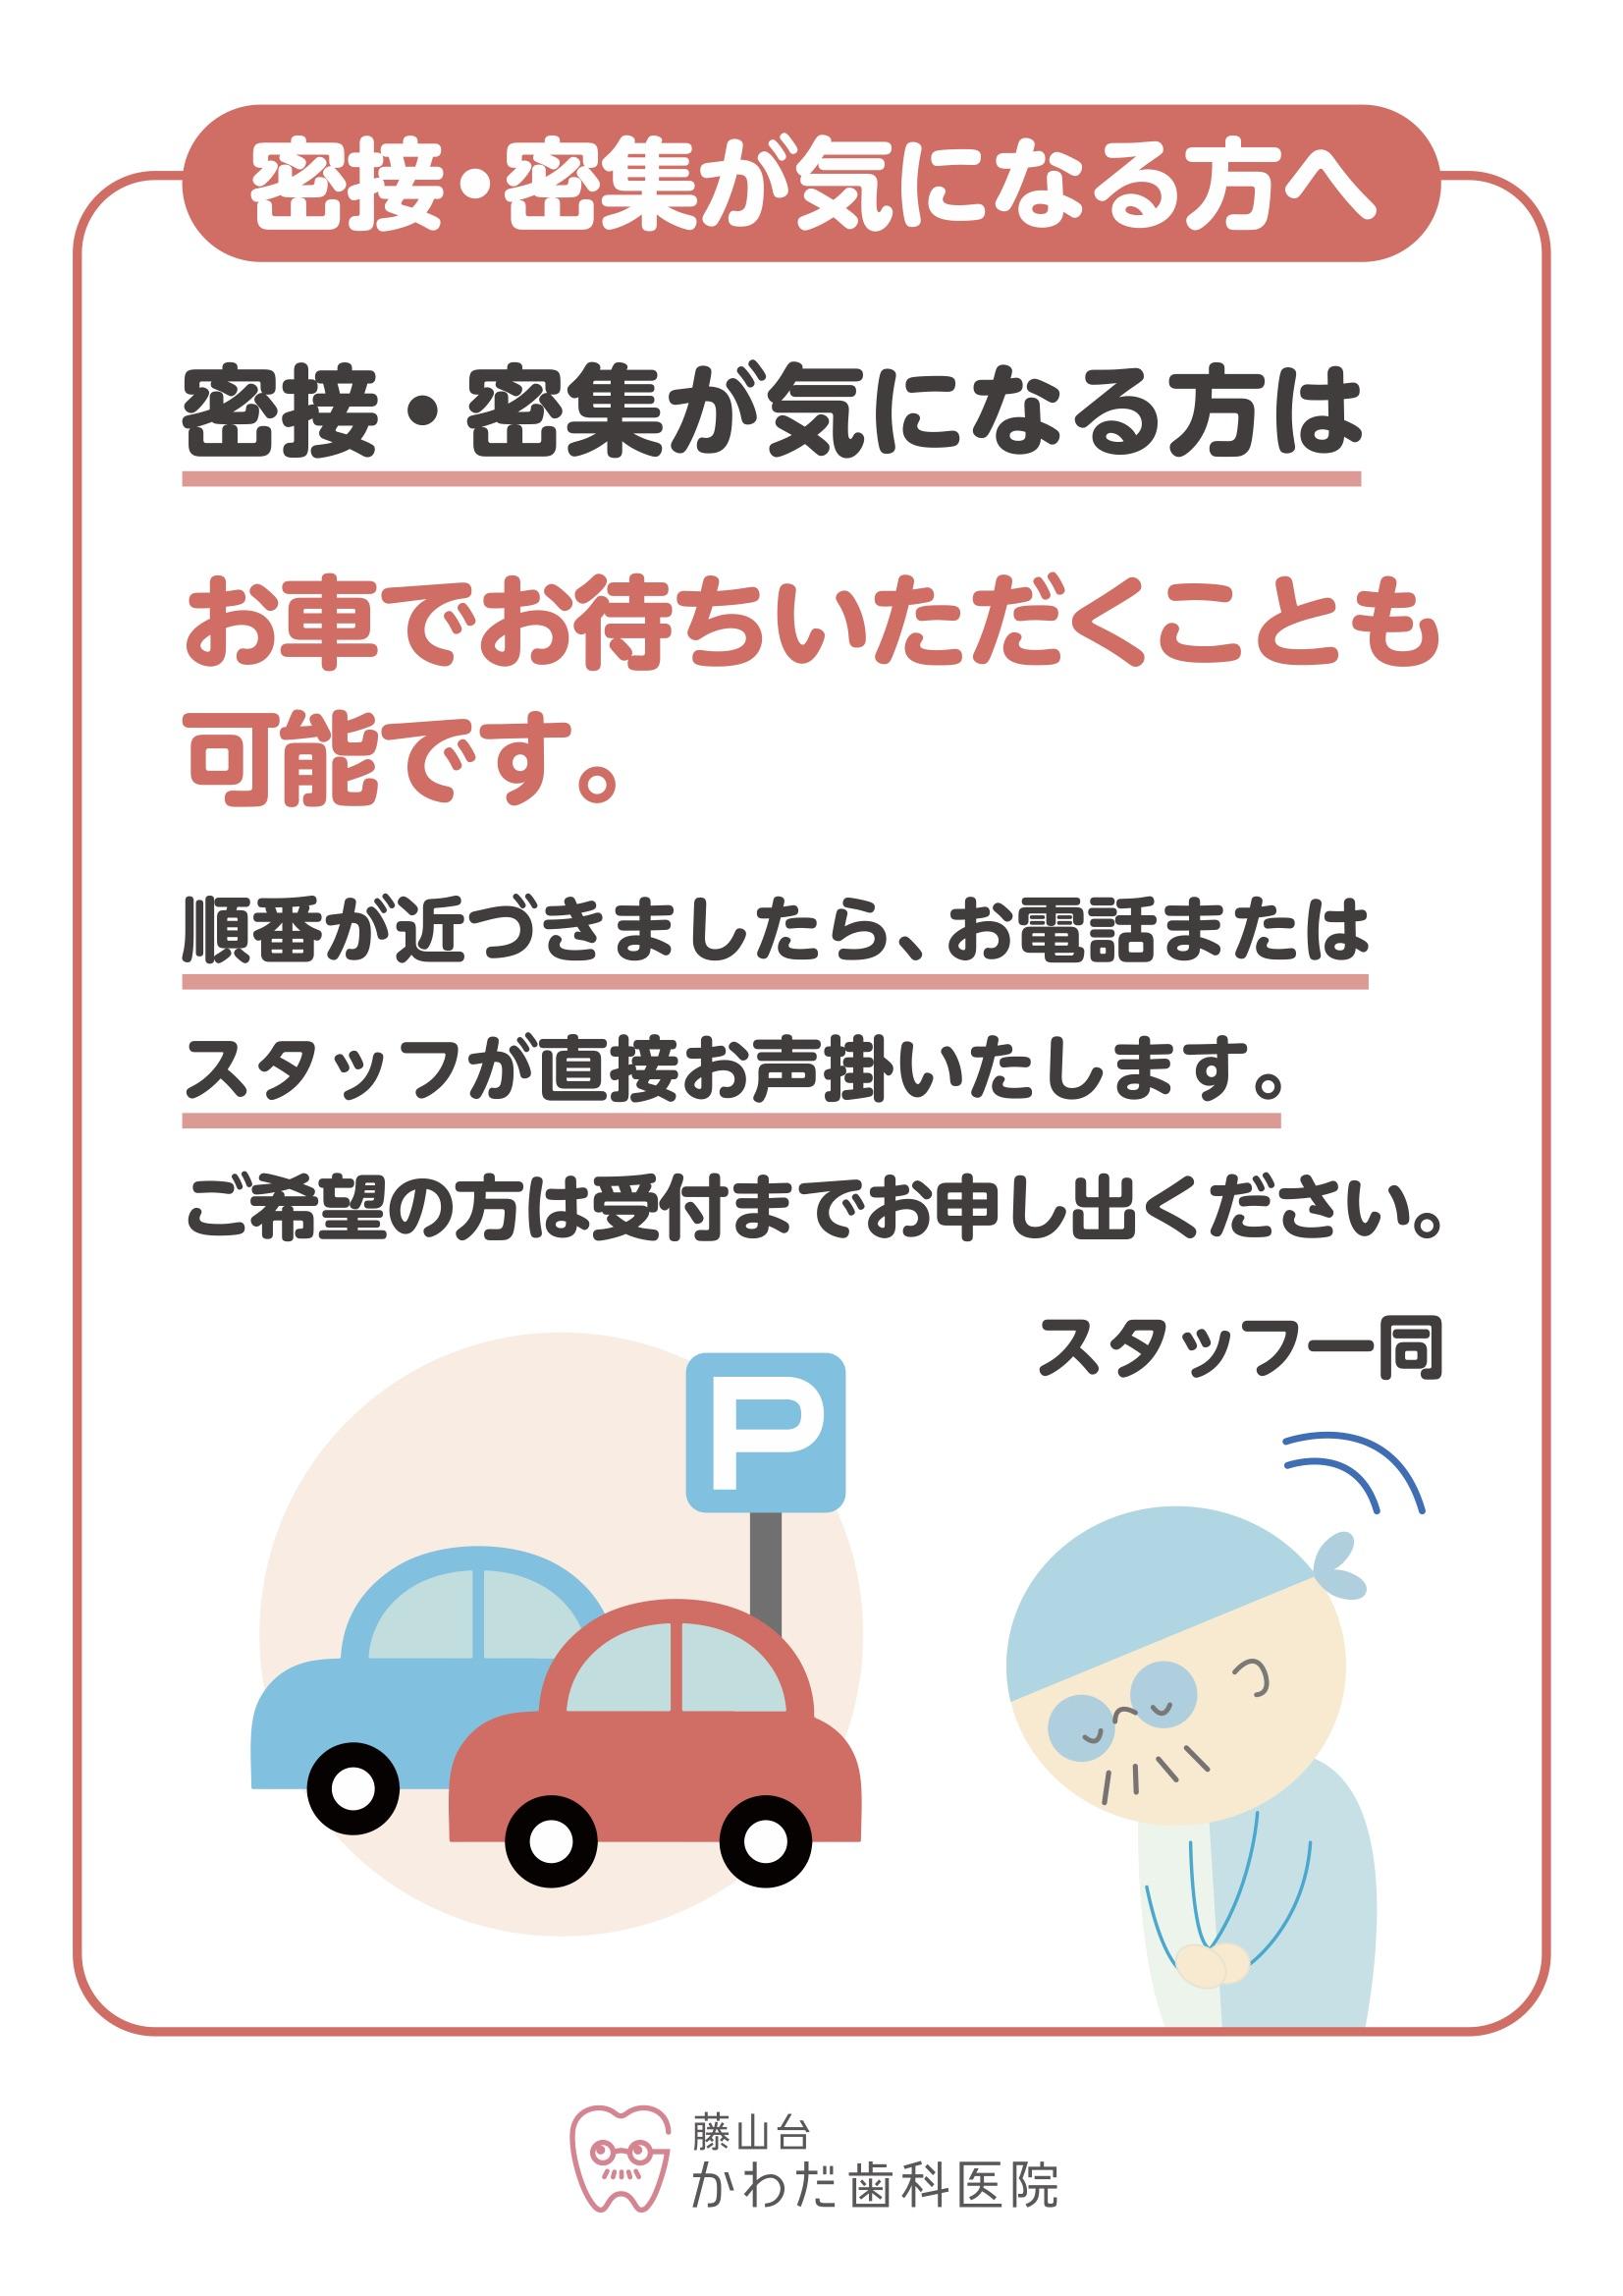 密集・密接対策〜お車でお待ちいただくことも可能です